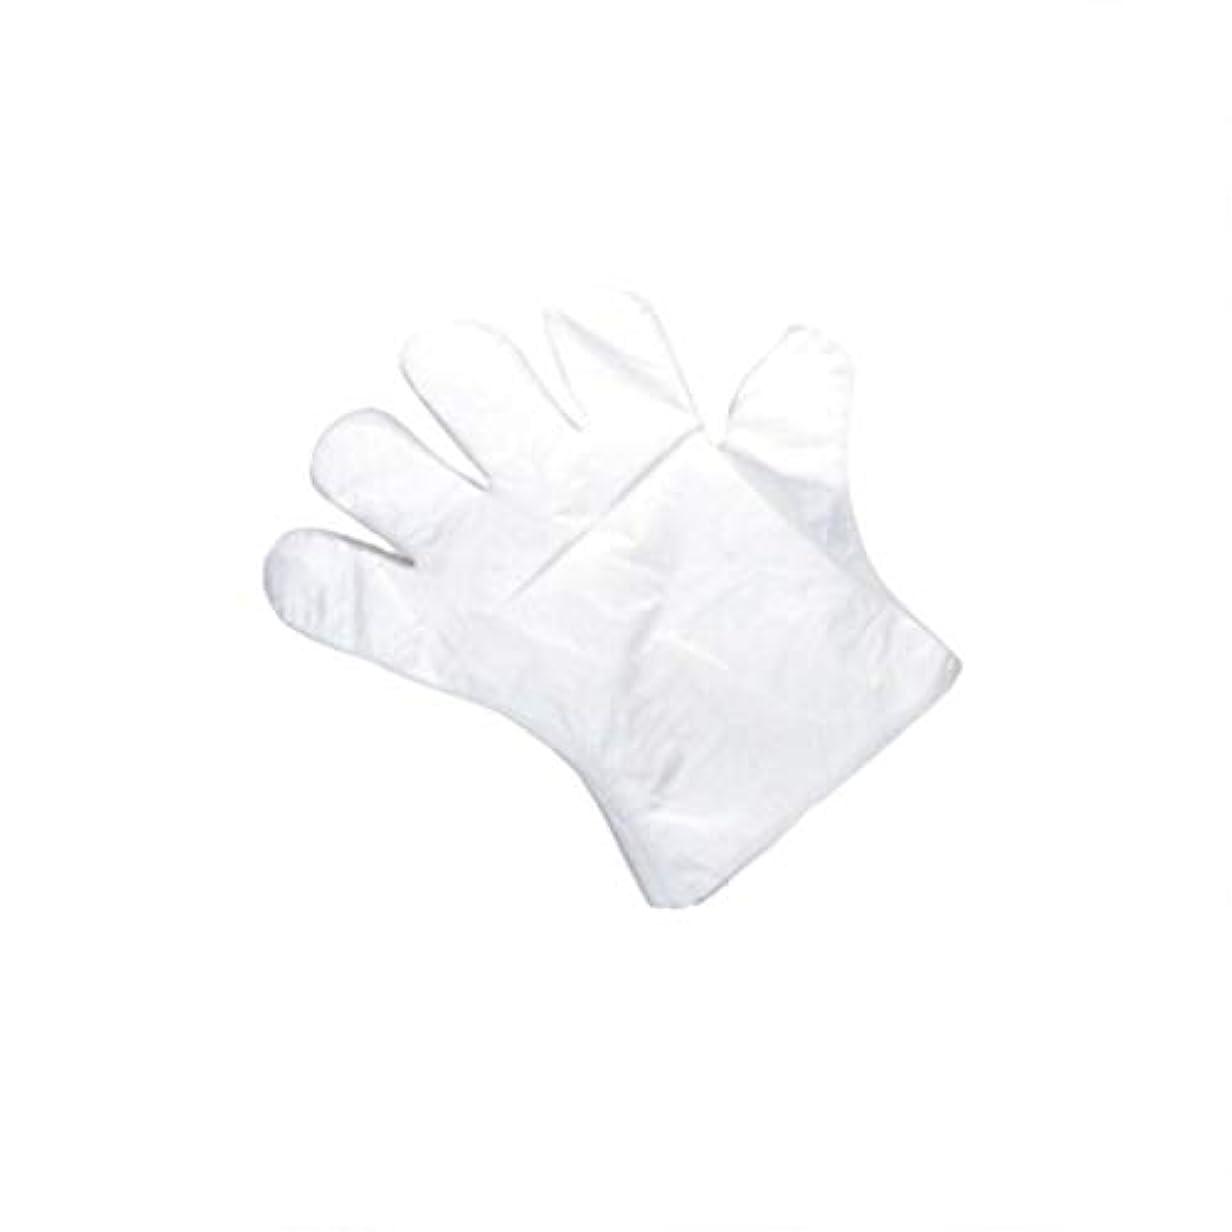 後方野球住人手袋、使い捨て手袋、肥厚、抽出手袋、テーブル、ピクニック、100スーツ。